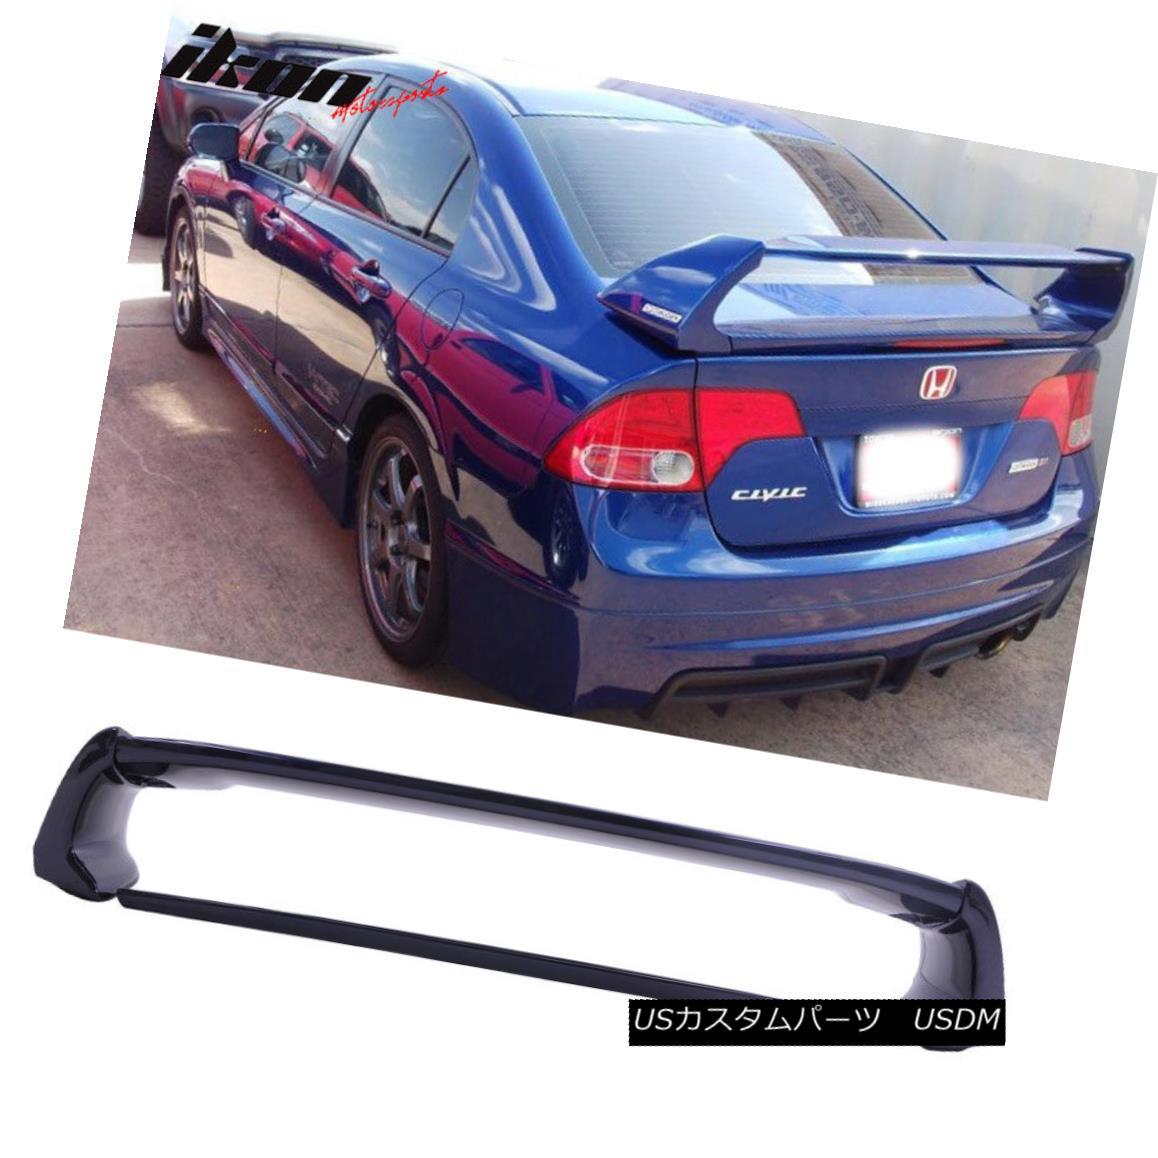 エアロパーツ 06-11 Civic Sedan 4Dr Mugen Style Trunk Spoiler Painted Royal Blue Pearl #B536P 06-11シビックセダン4Drムーゲンスタイルトランクスポイラーペイントロイヤルブルーパール#B536P